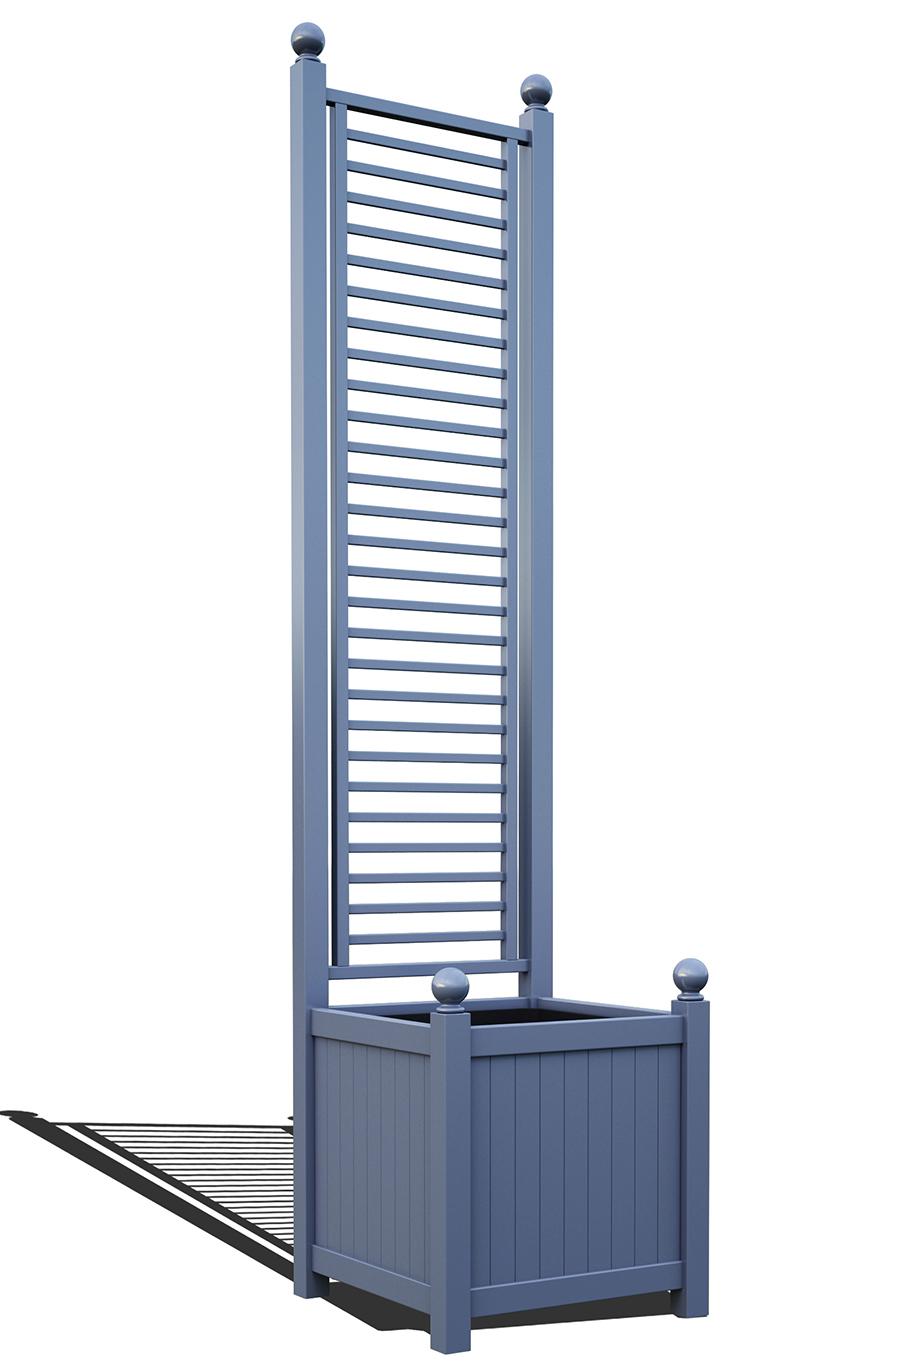 R23-A-LHD-Versailler Pflanzkübel mit Rankgitter in RAL-5014 pigeon blue